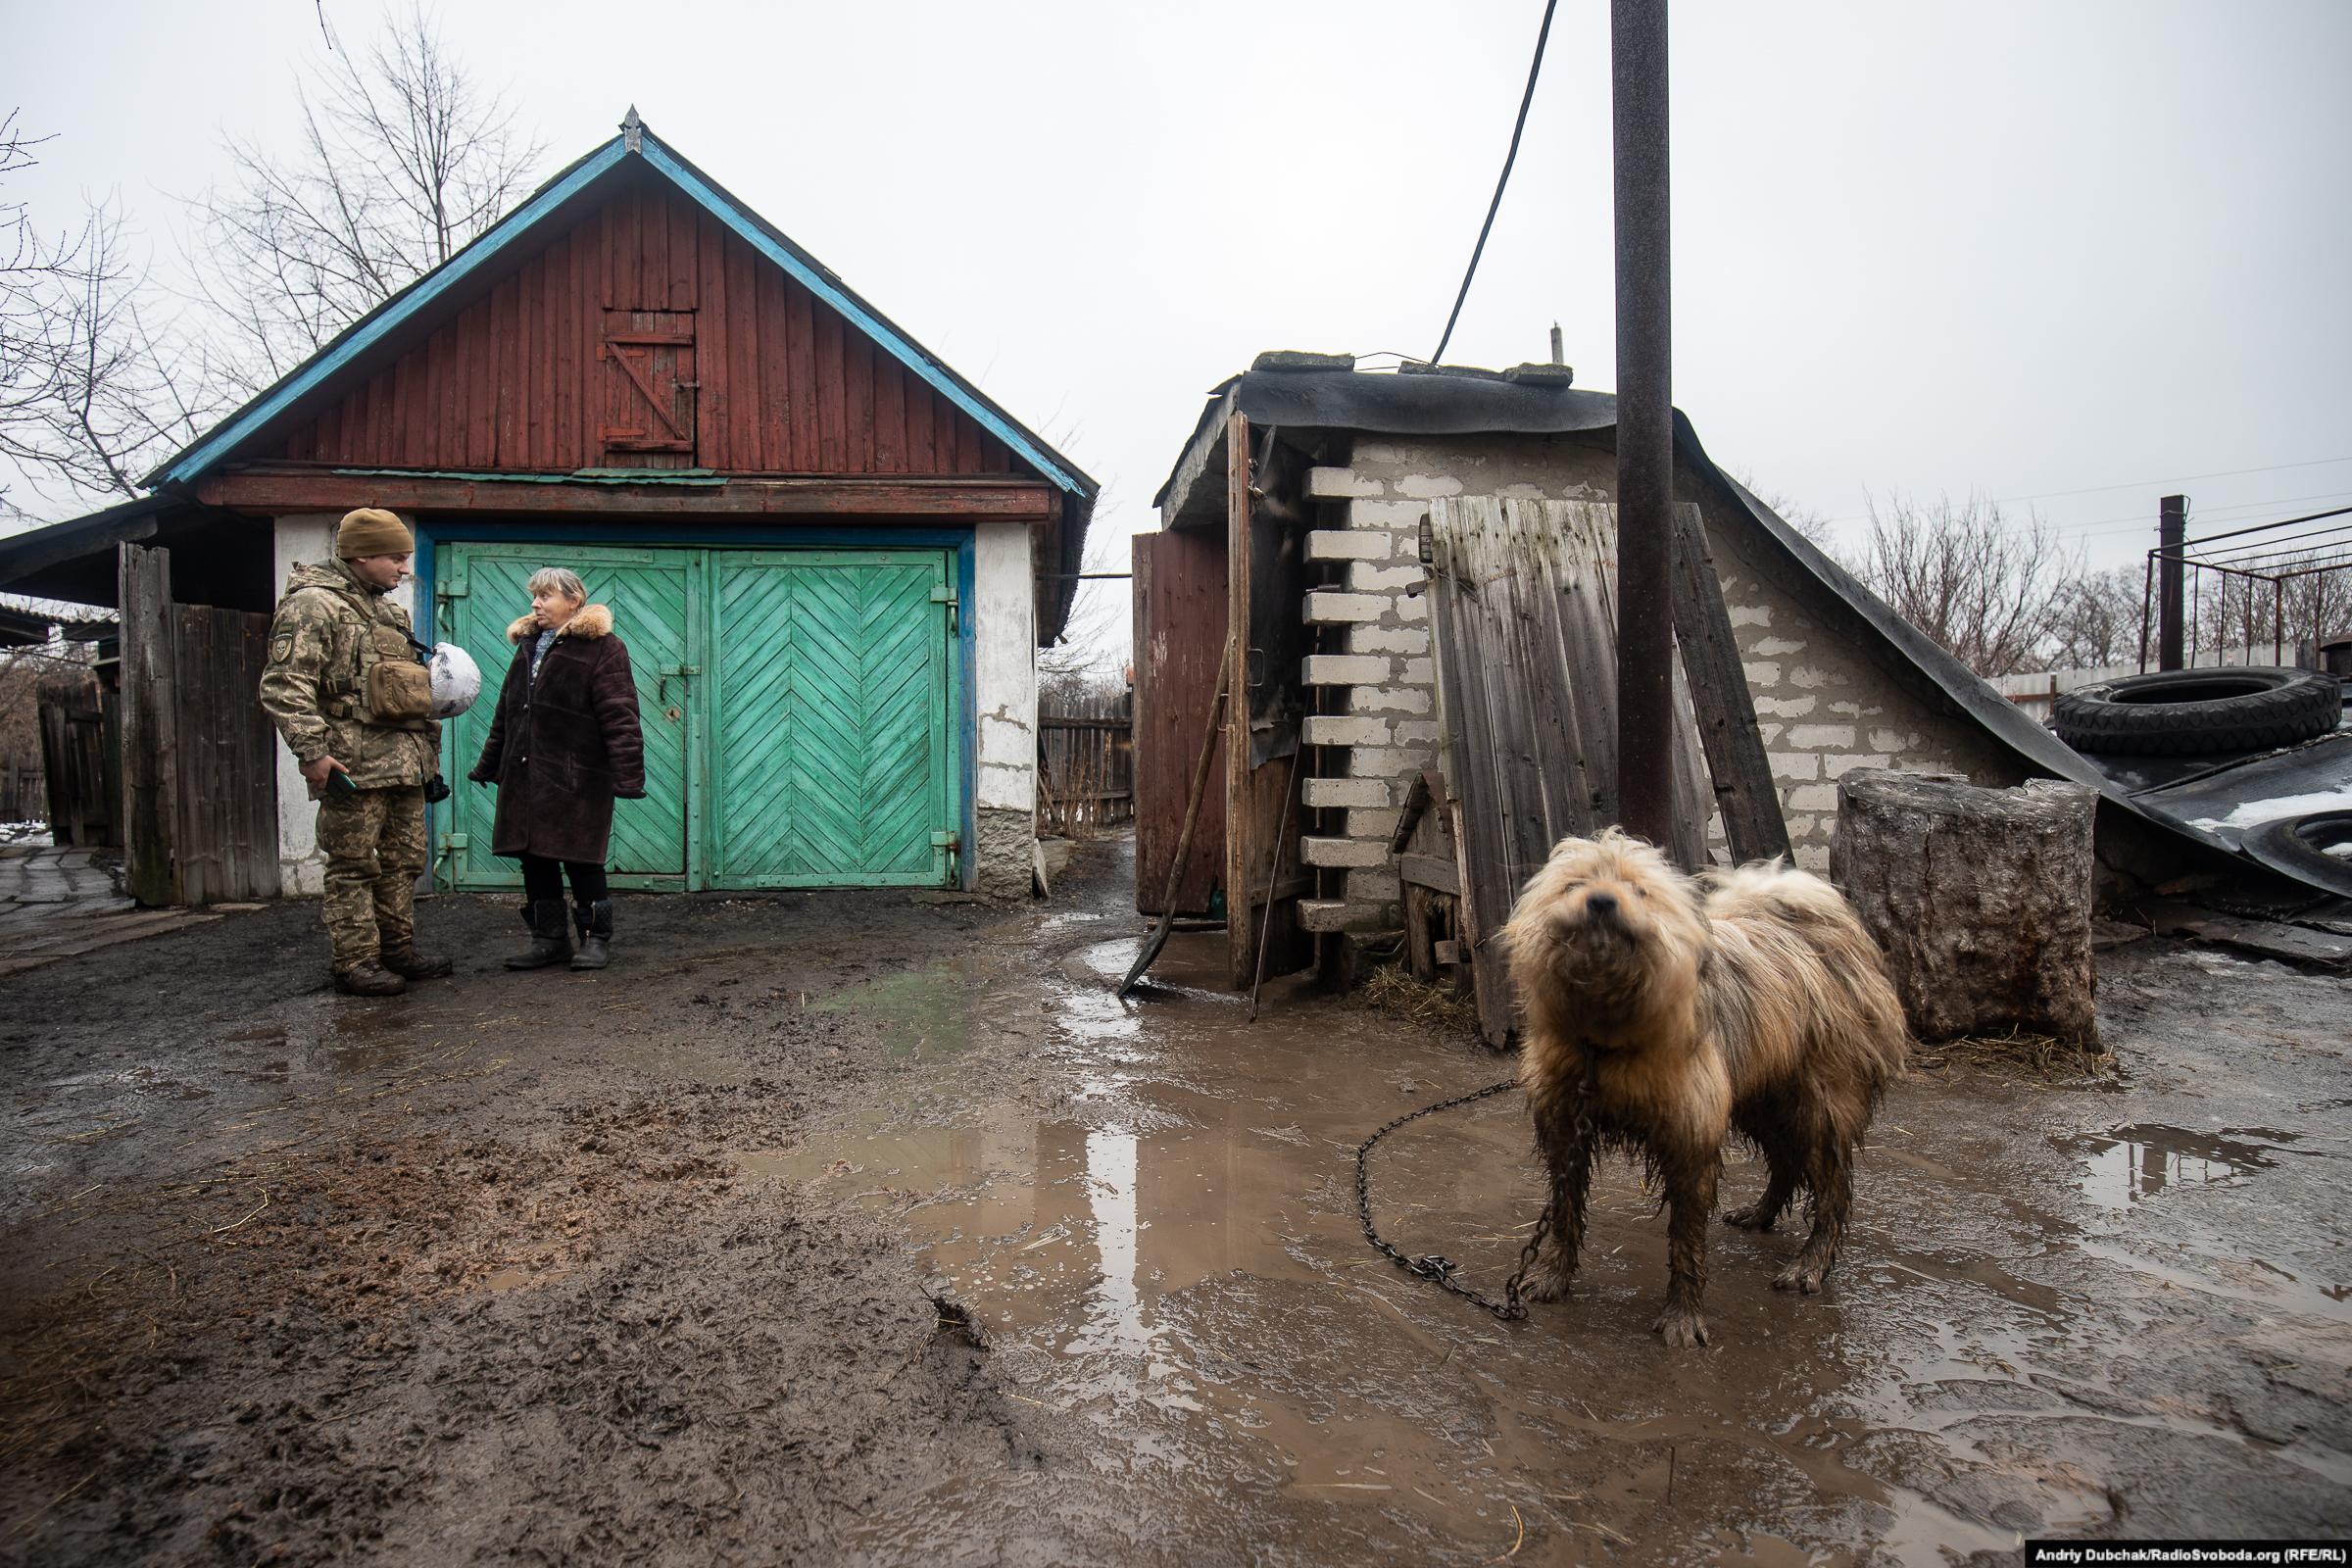 Жителька Золотого-4 розмовляє з офіцером ЗСУ Романом Photo: Andriy Dubchak/RadioSvoboda.org